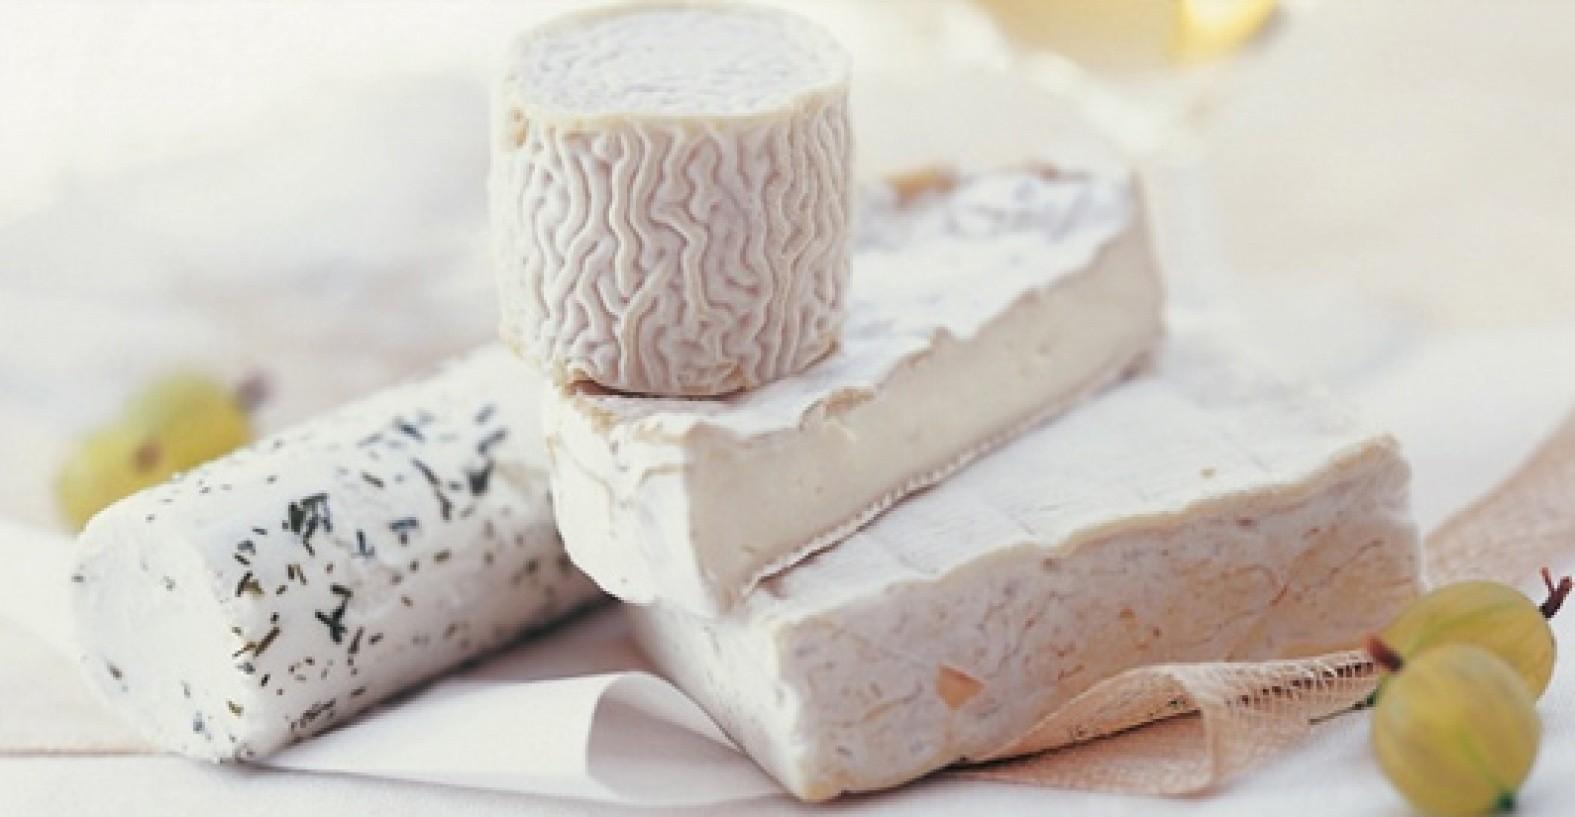 Les fromages de France les plus connus